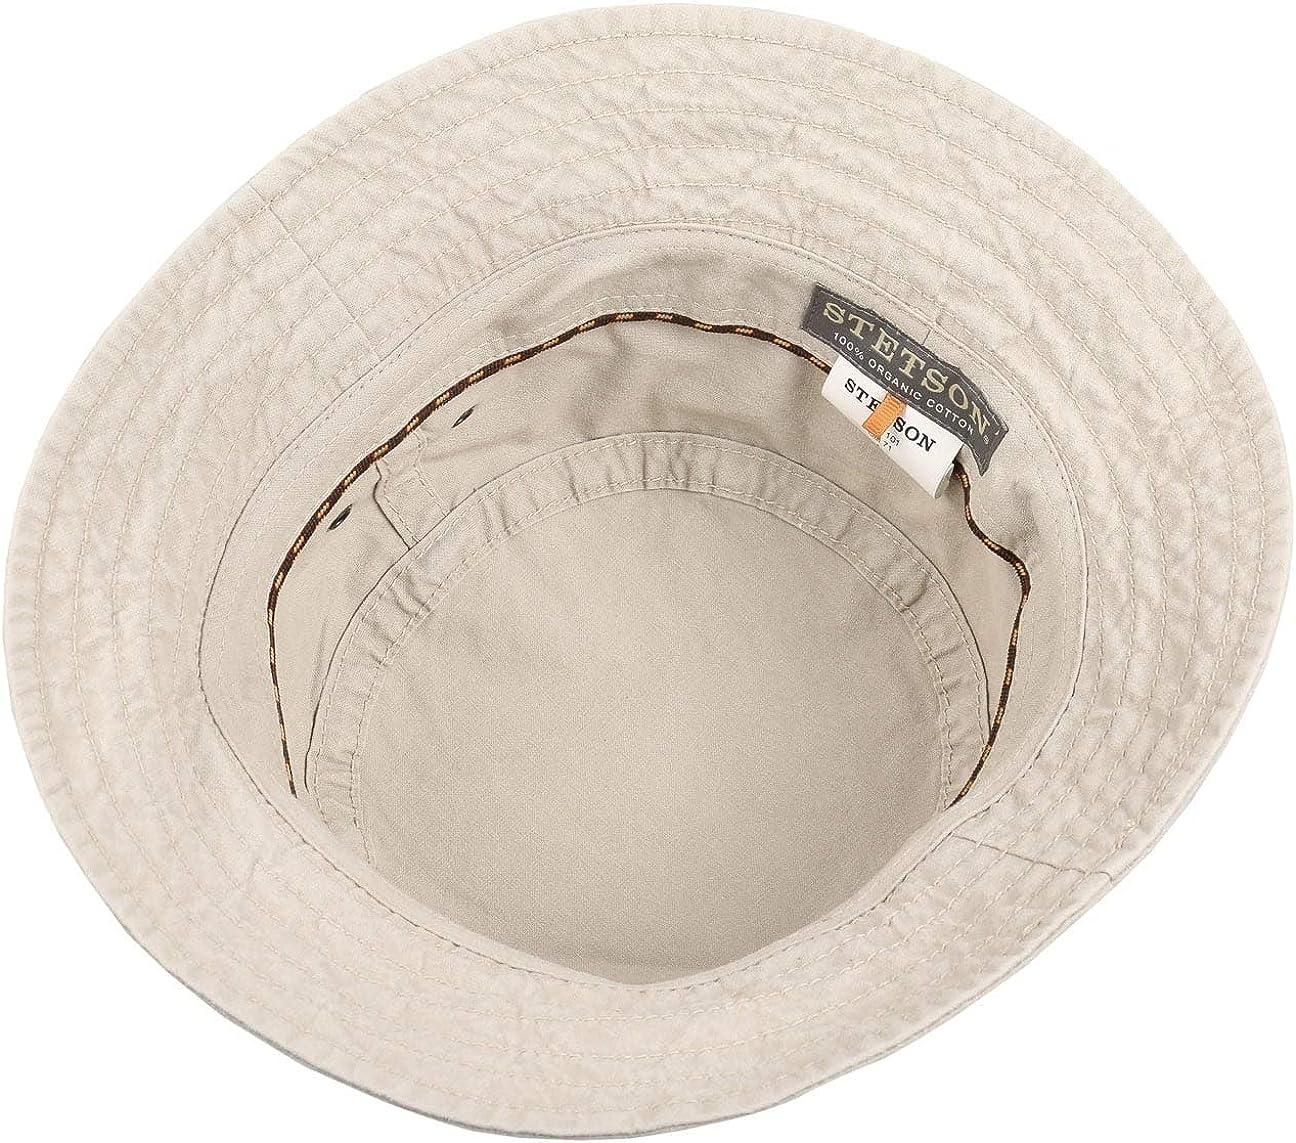 Fischerhut Sonnenhut Hut for Damen Herren,M/änner und Frauen L/öcher gewaschen unregelm/ä/ßige N/ähte ausgefranste Quaste Retro Hip Hop Hut